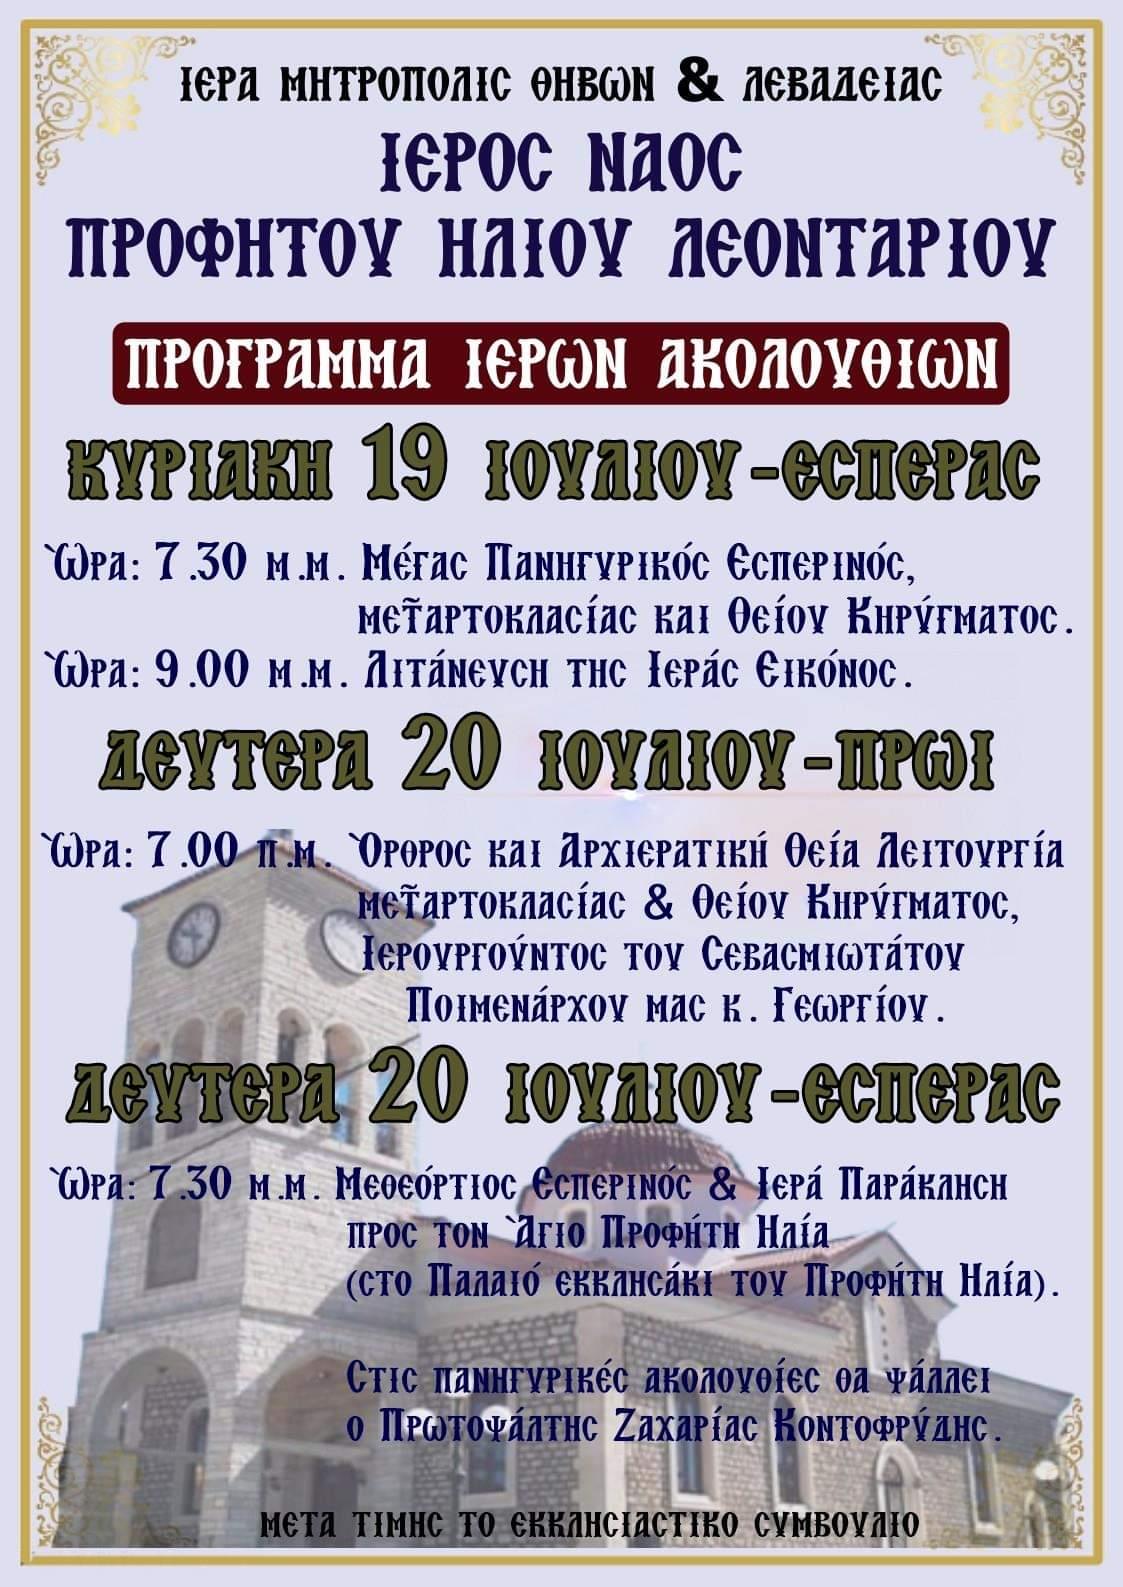 Εορτασμός του Προφήτη Ηλία στο Λεονταρι (Πρόγραμμα)